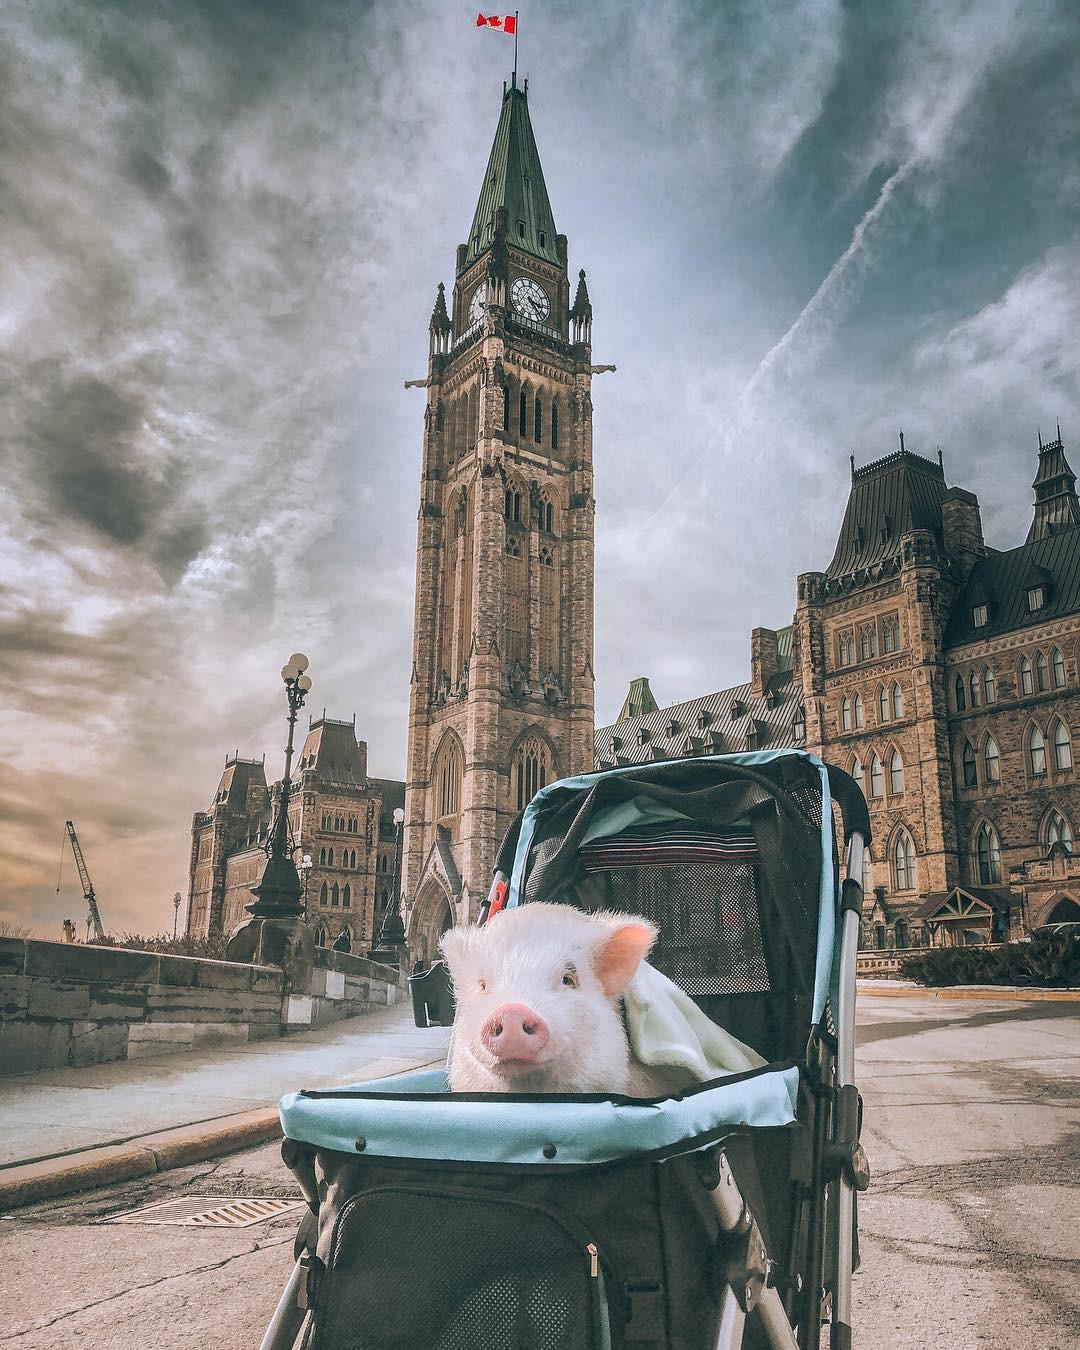 Cảm giác ghen tị là khi bạn phải đi làm vào thứ 2 còn chú lợn này lại được du lịch vòng quanh thế giới, đã vậy còn có hẳn 100k người theo dõi trên MXH - Ảnh 11.